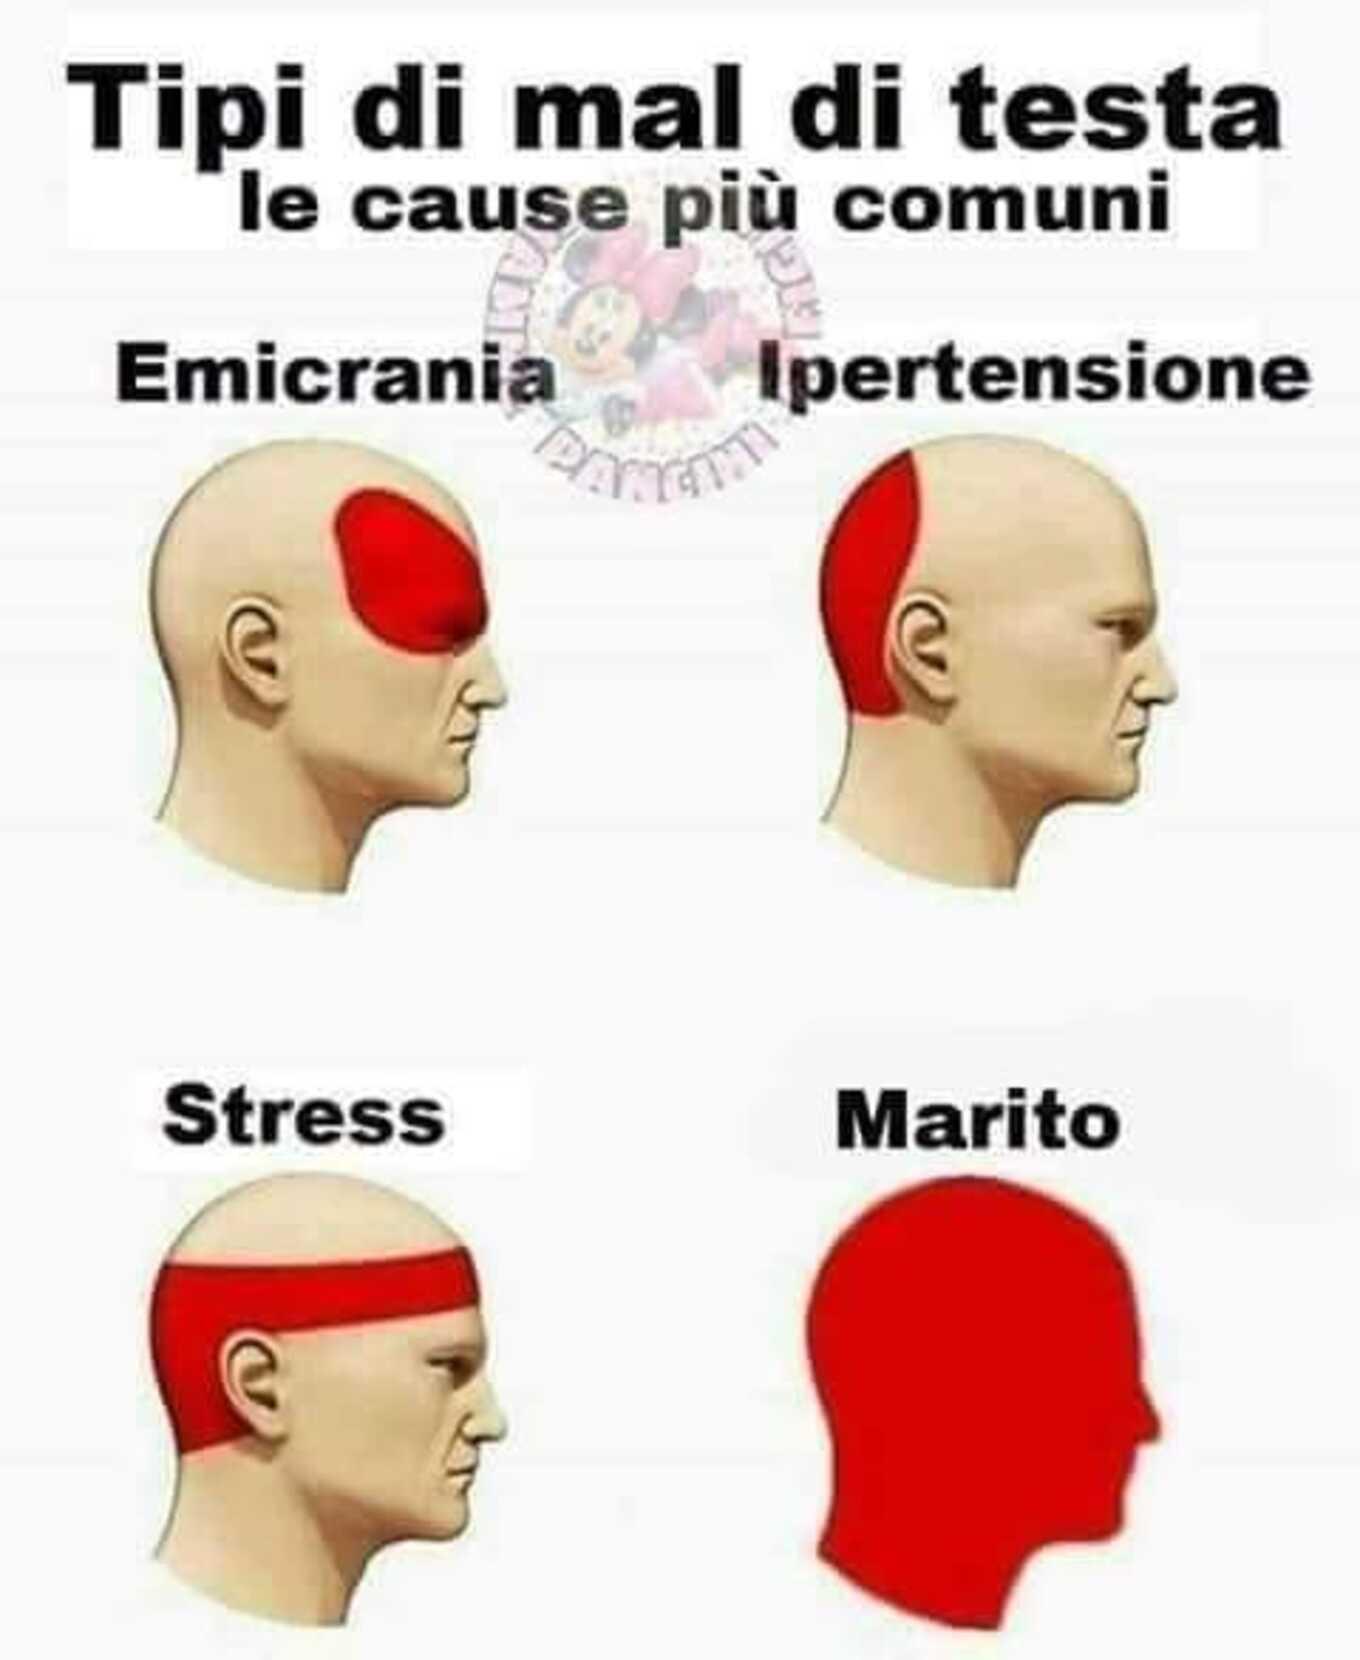 Tipo di mal di testa le cause comuni: Emicrania, Ipertensione, Stress, MARITO